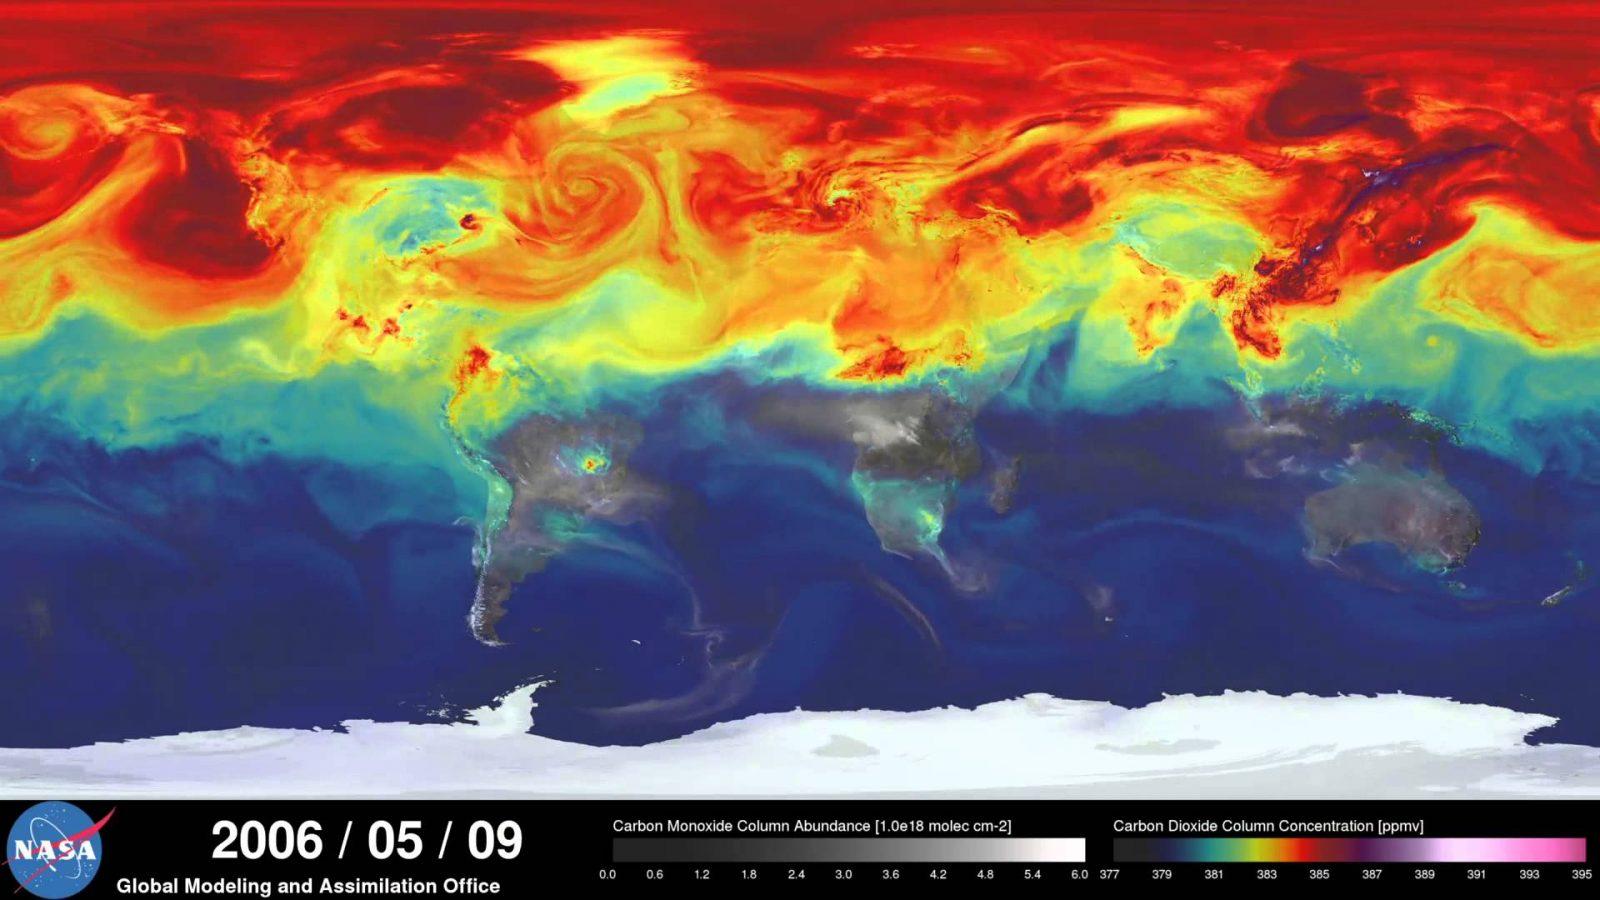 Годовая циркуляция углекислого газа в атмосфере Земли